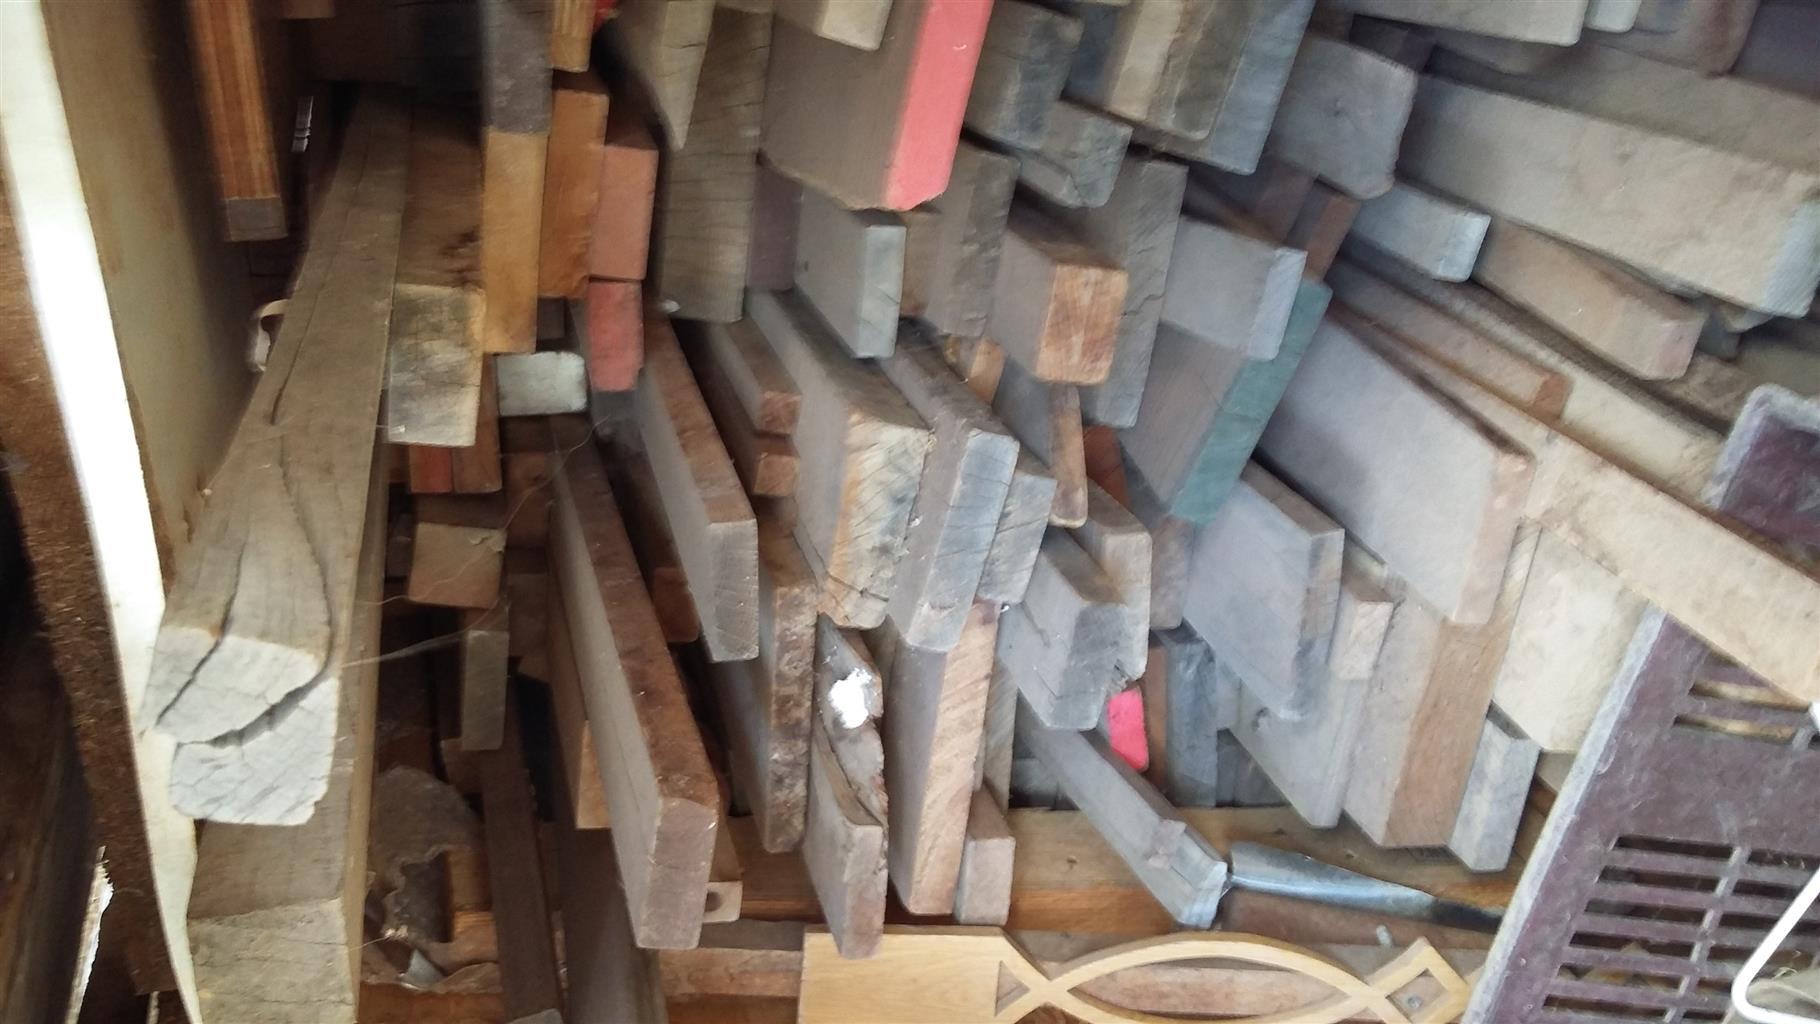 Rosewood, Kiaat, Ash, Oak and machinery